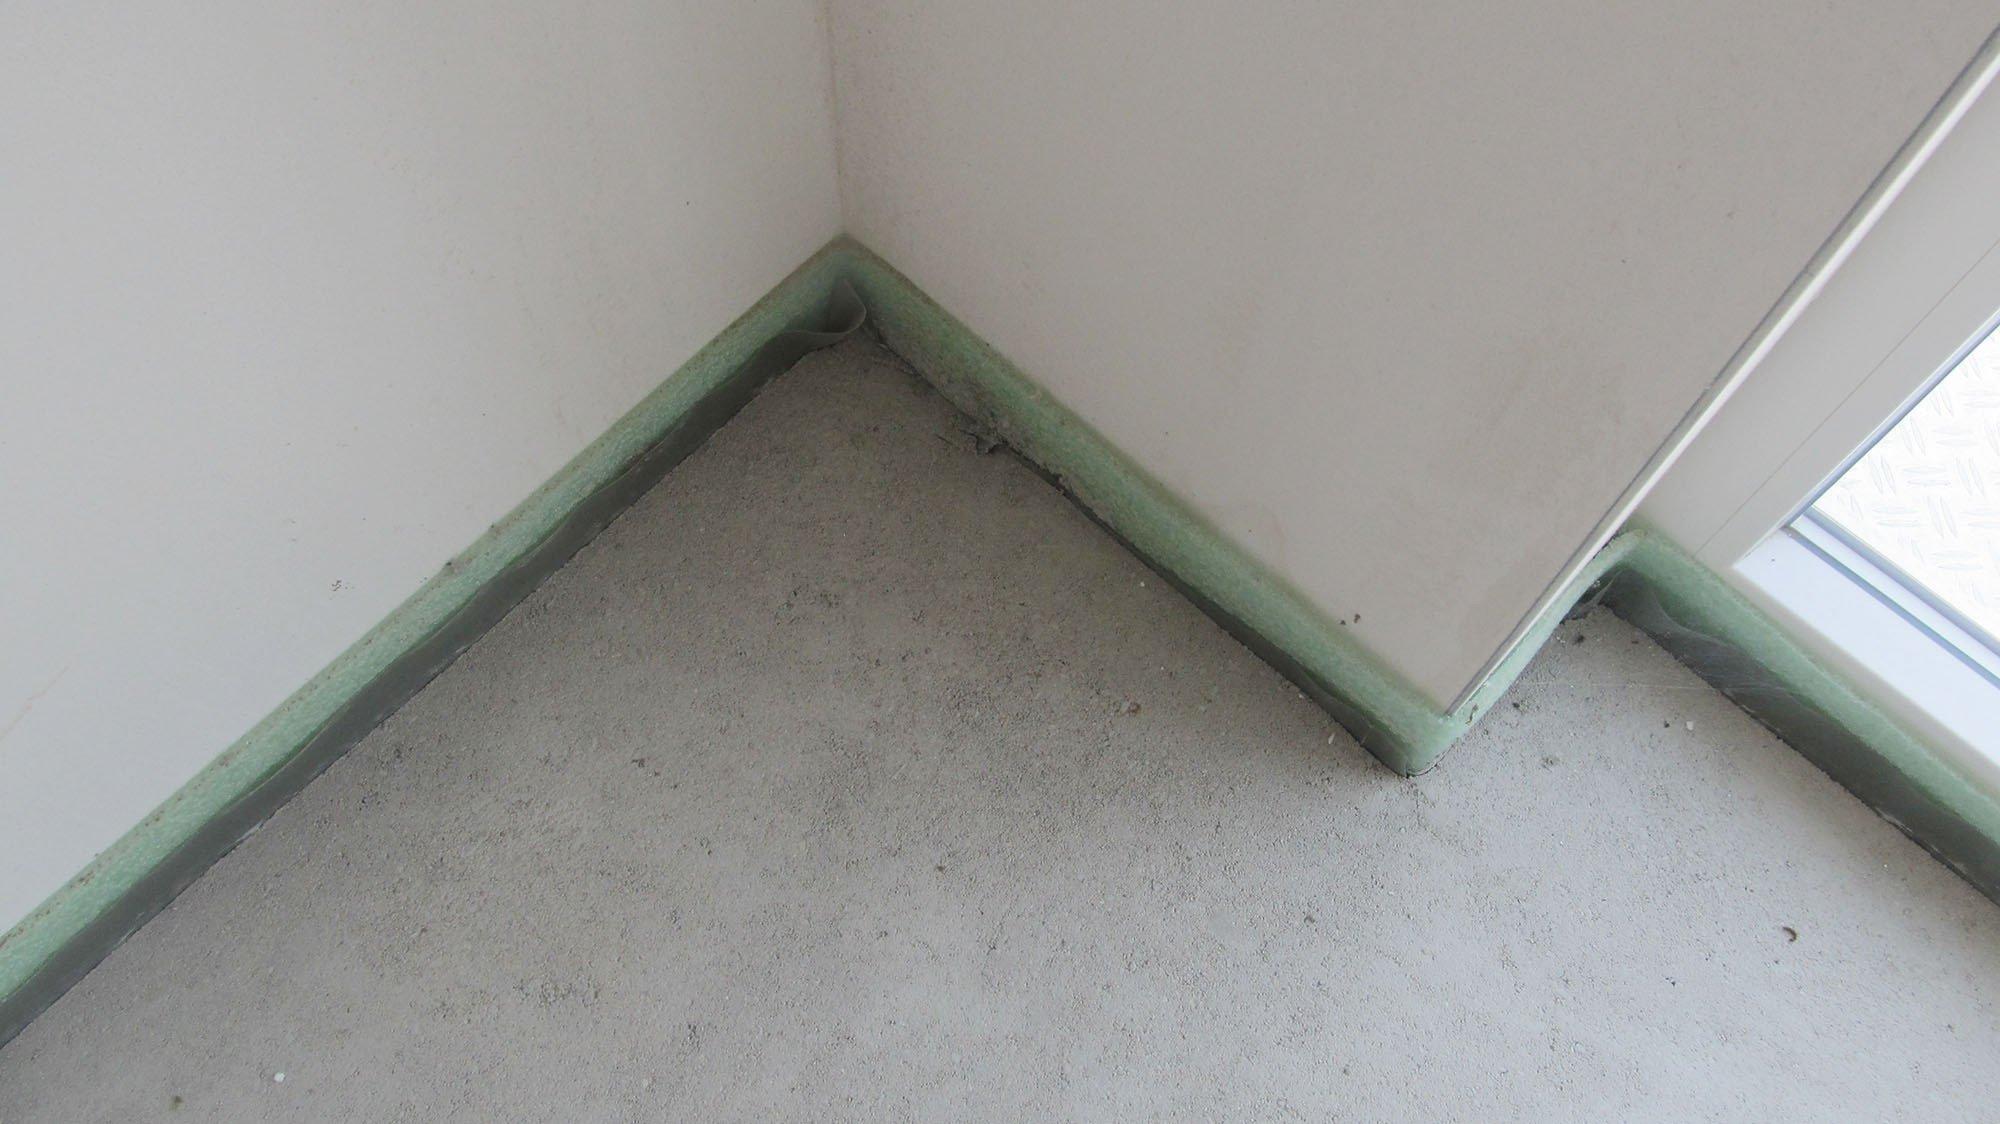 estrich auf fliesen m elektrische es bad fliese qm fliesen verlegen auf betonboden fliesen auf. Black Bedroom Furniture Sets. Home Design Ideas